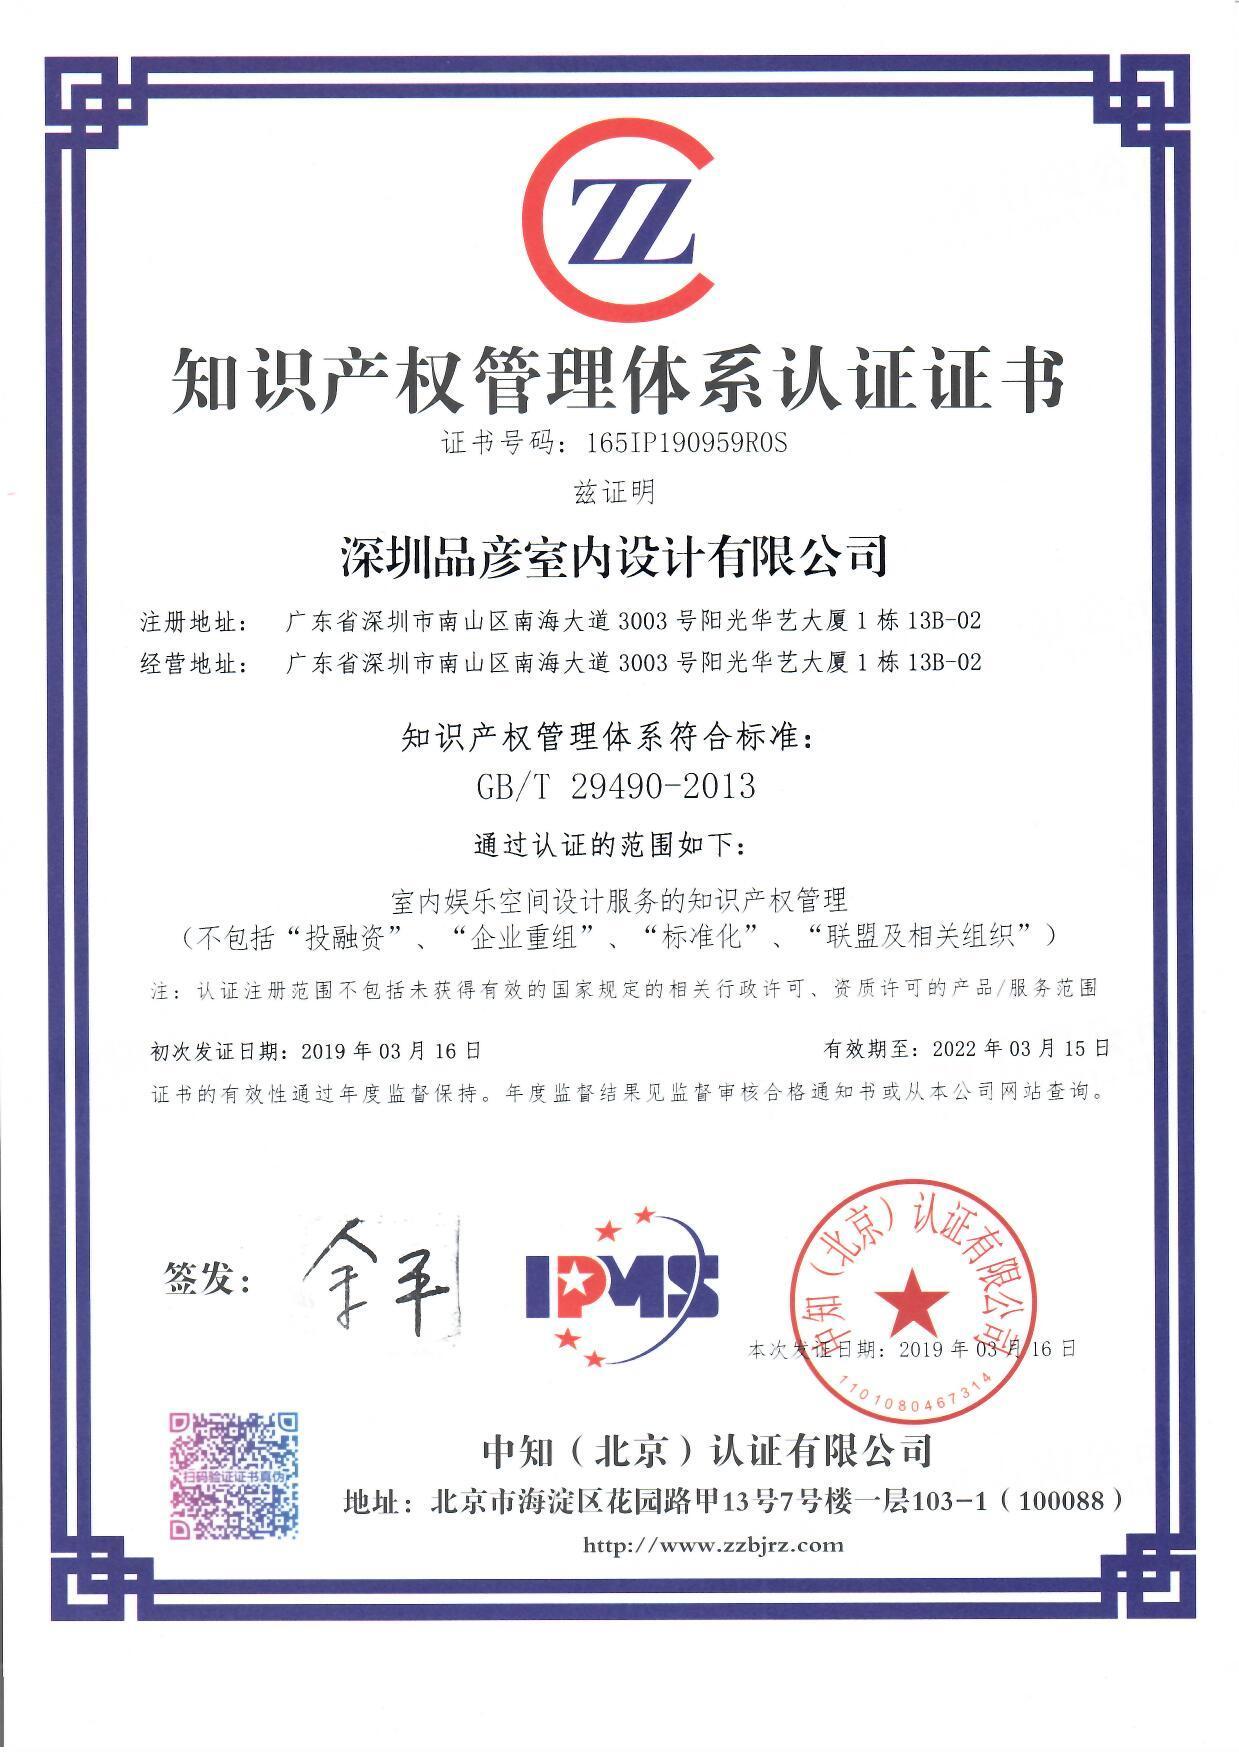 品彦设计荣获知识产权贯标企业证书